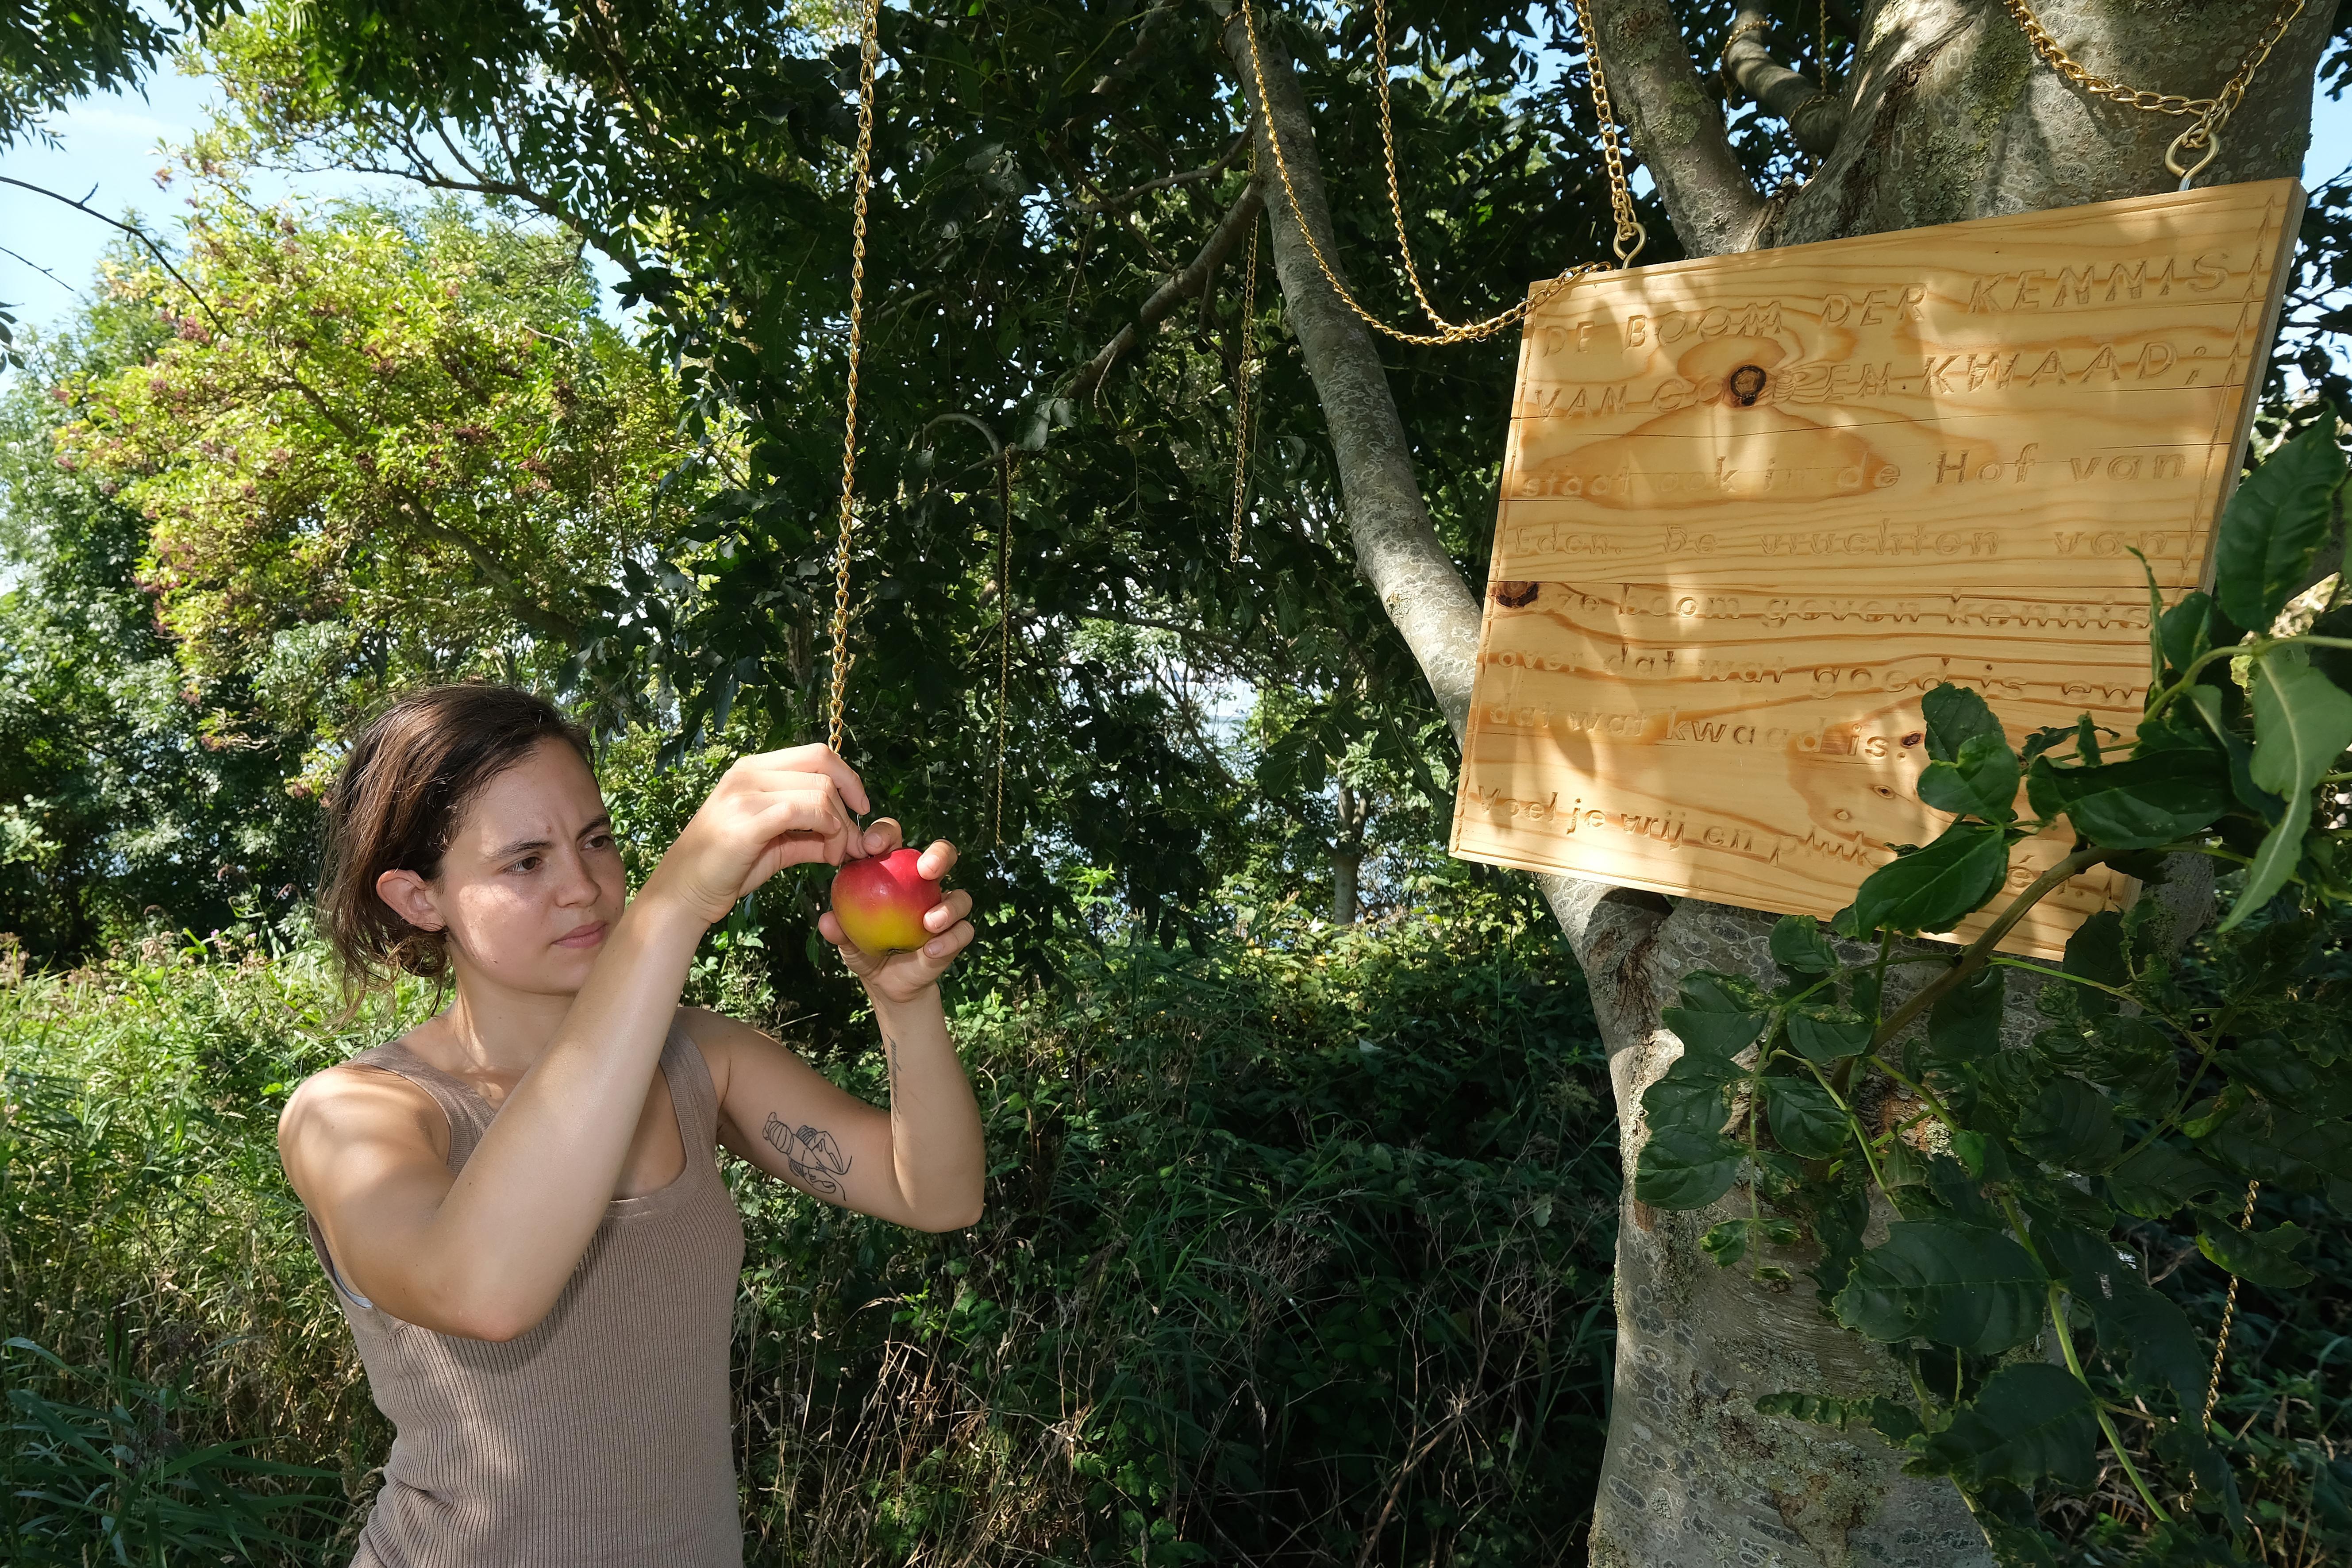 Met gras praten en een tropisch Europa ervaren; het kan bij het Klimaatmuseum op Pampuseiland